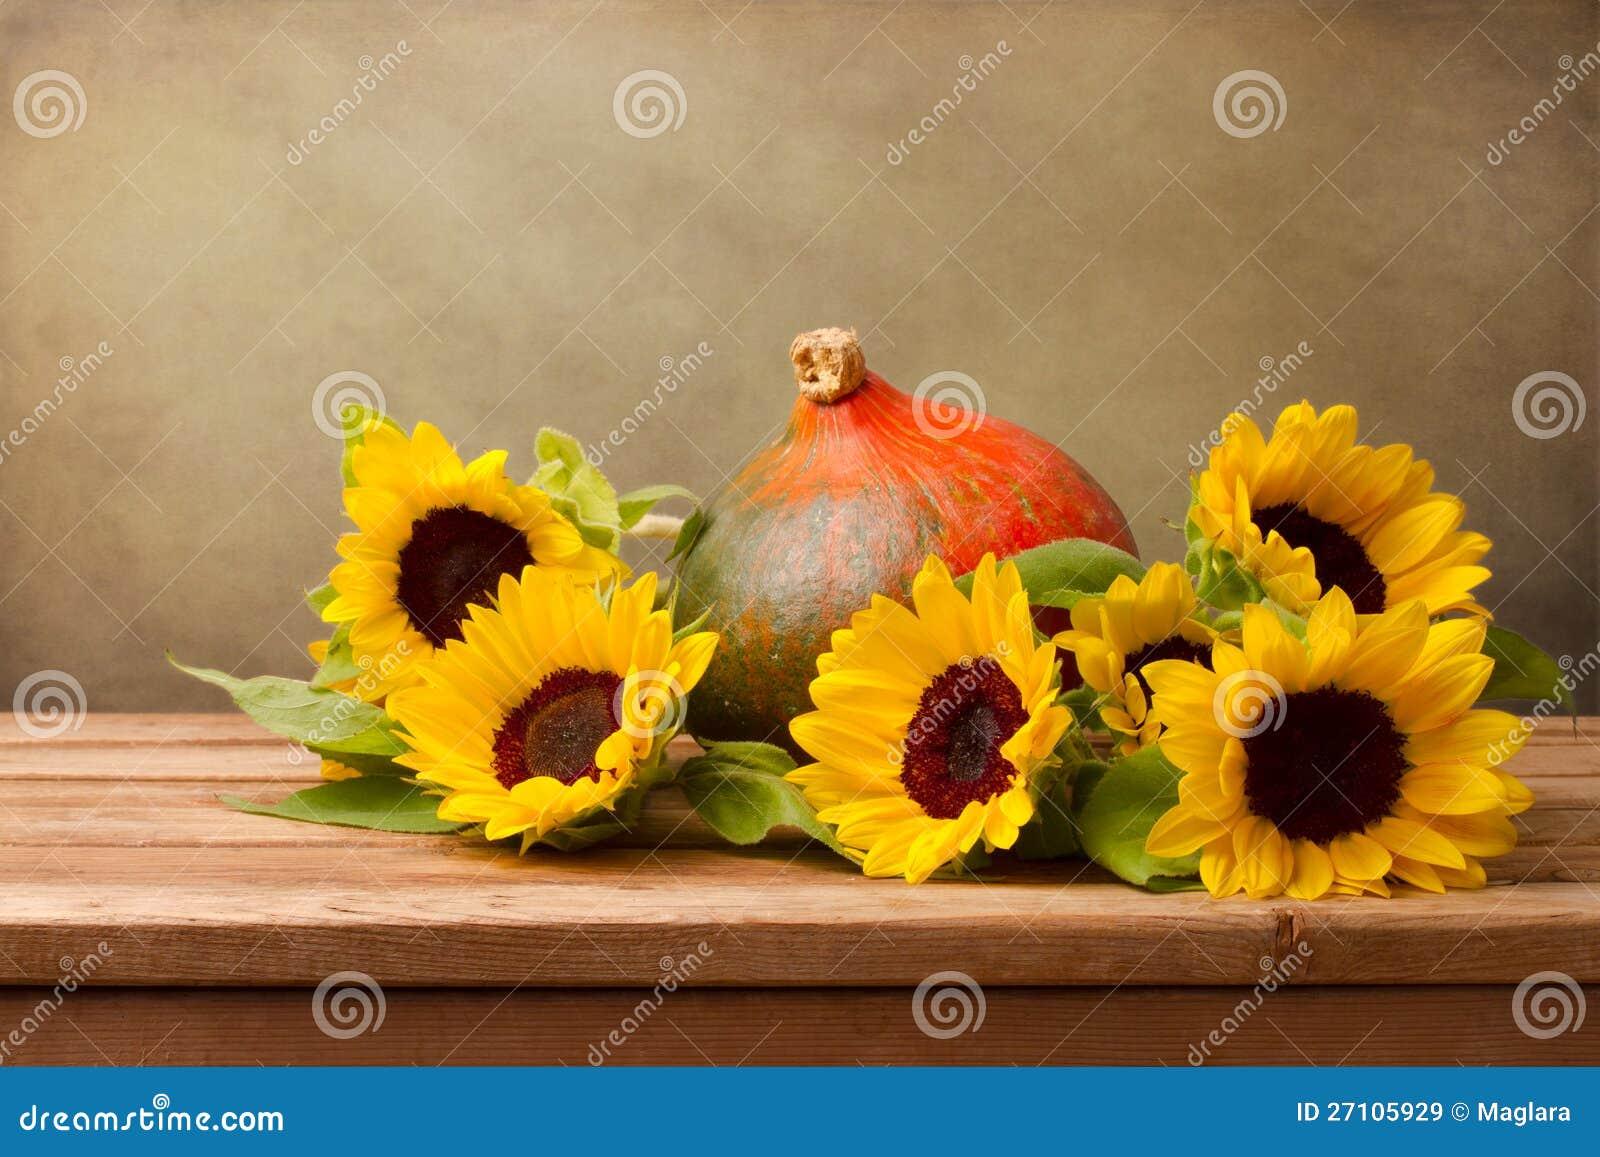 Słoneczniki i bania na drewnianym stole